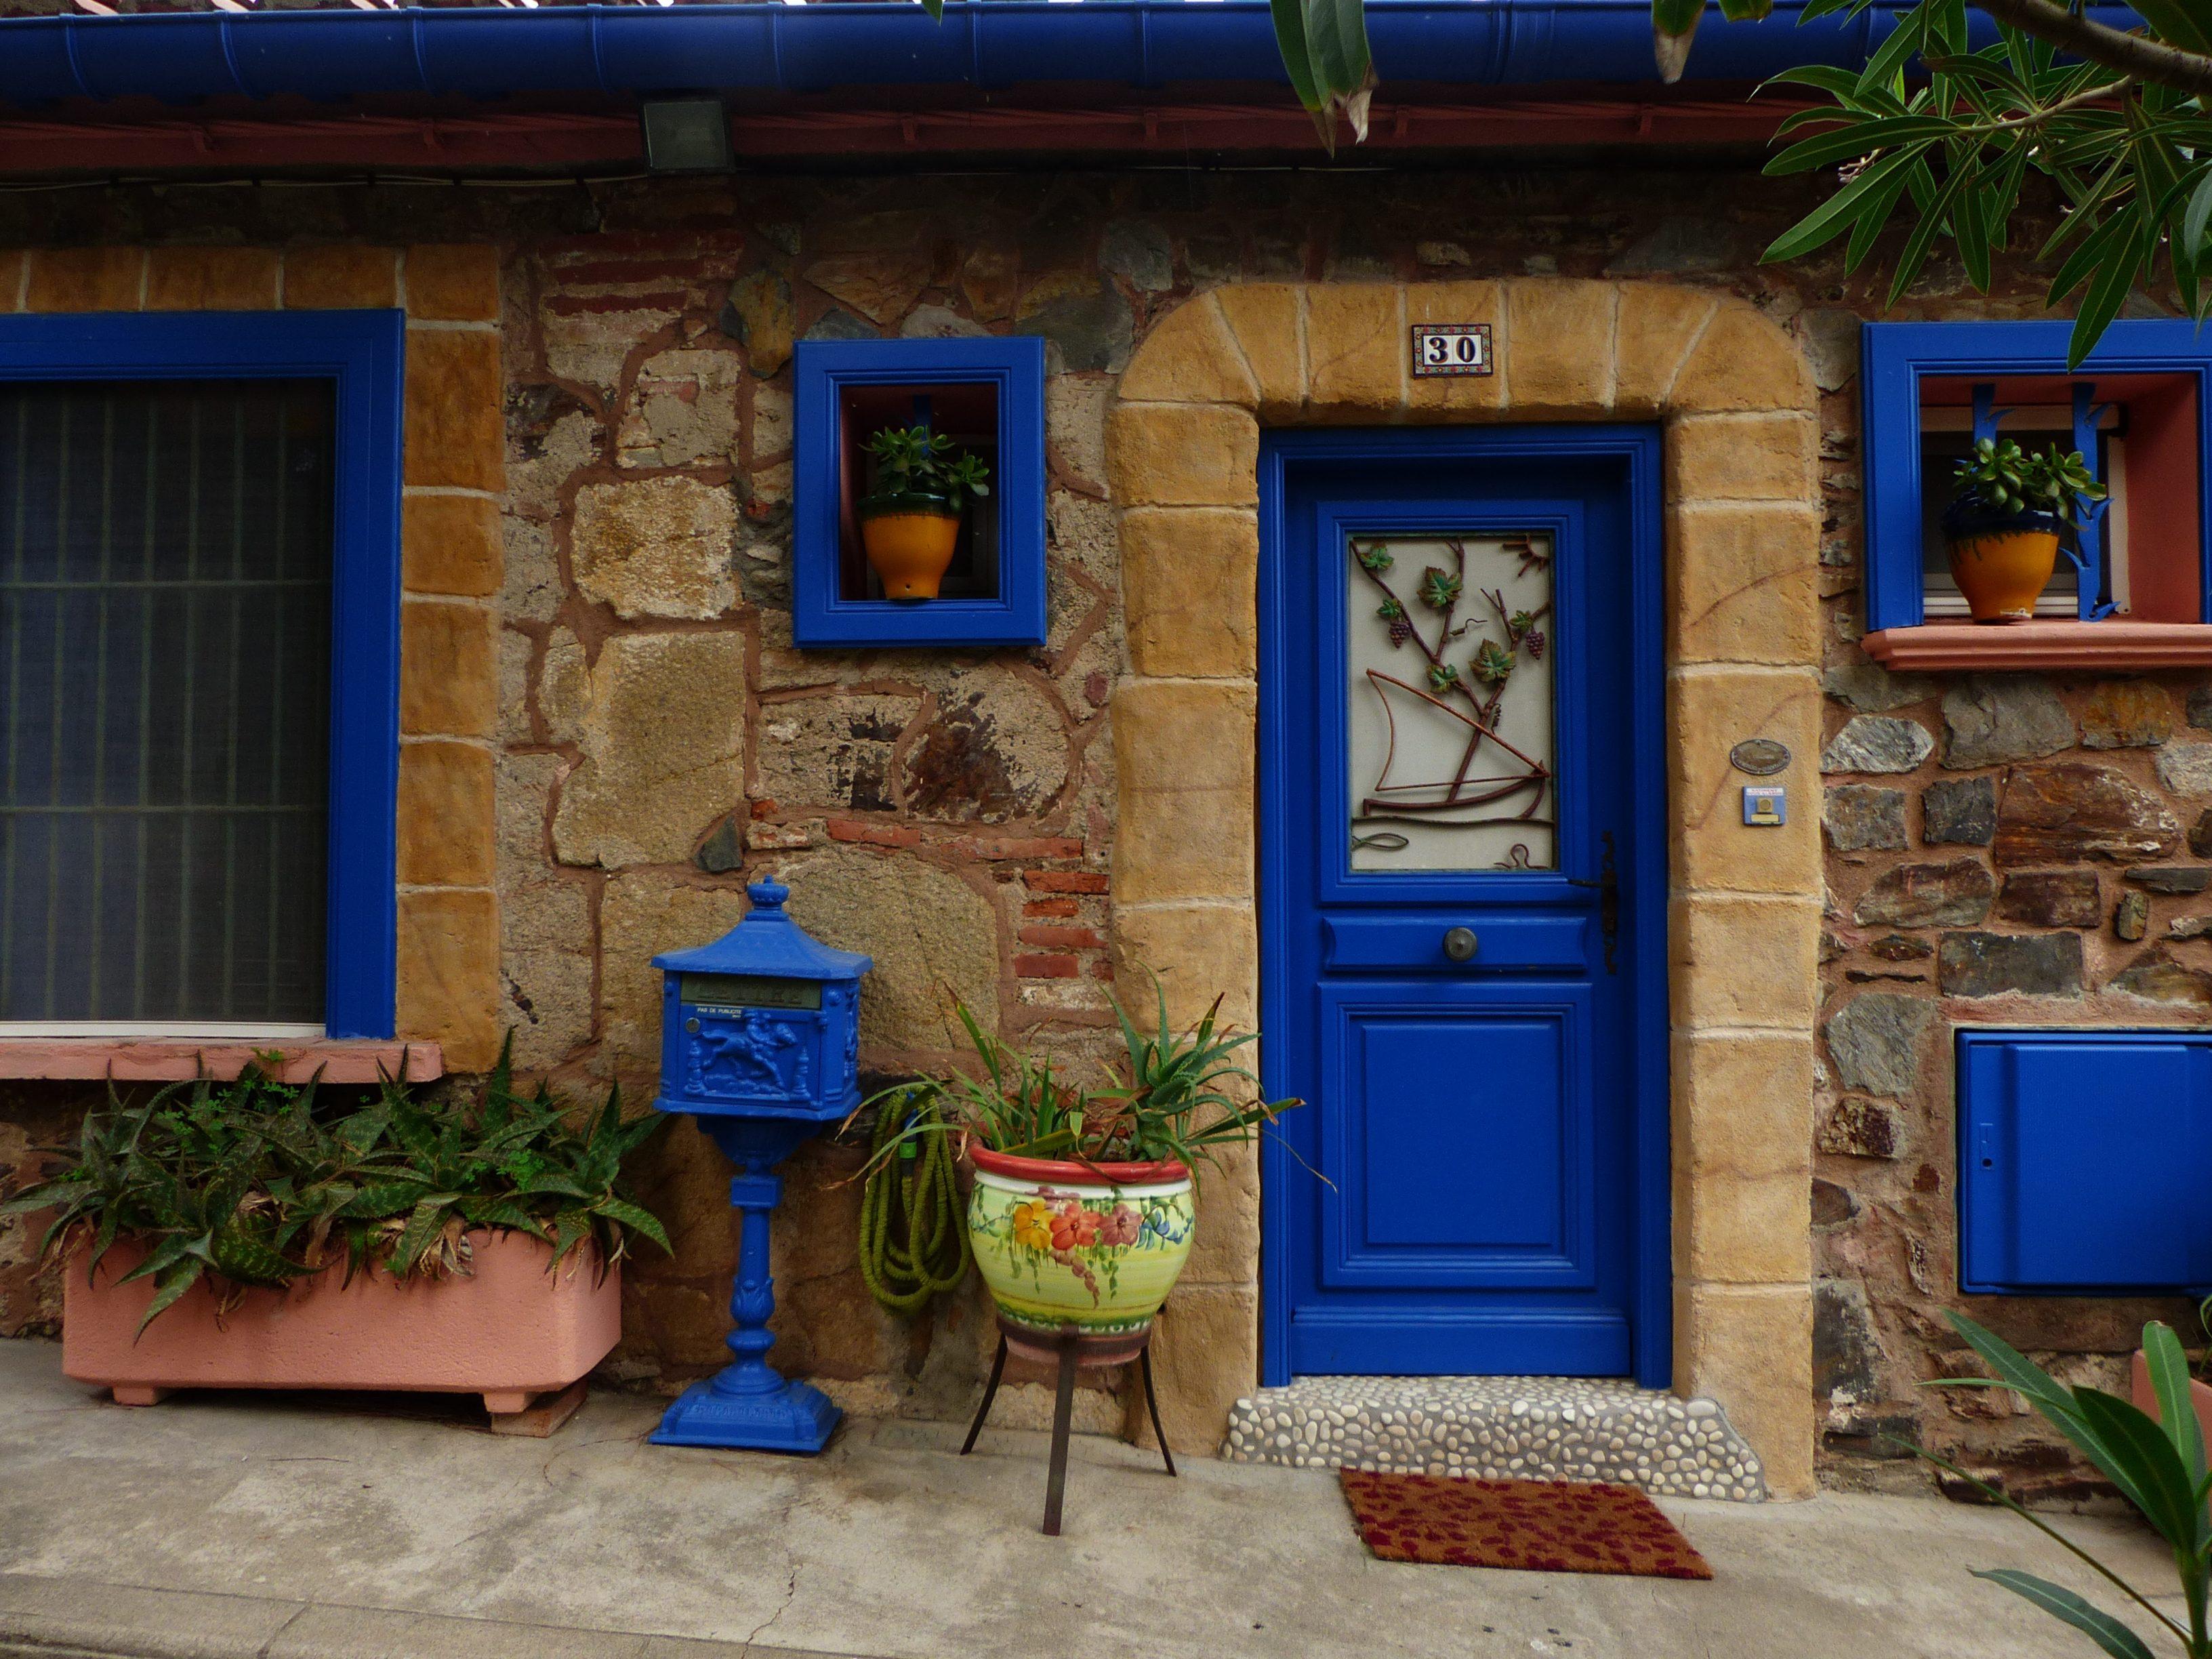 ©Elise Chevillard, Collioure